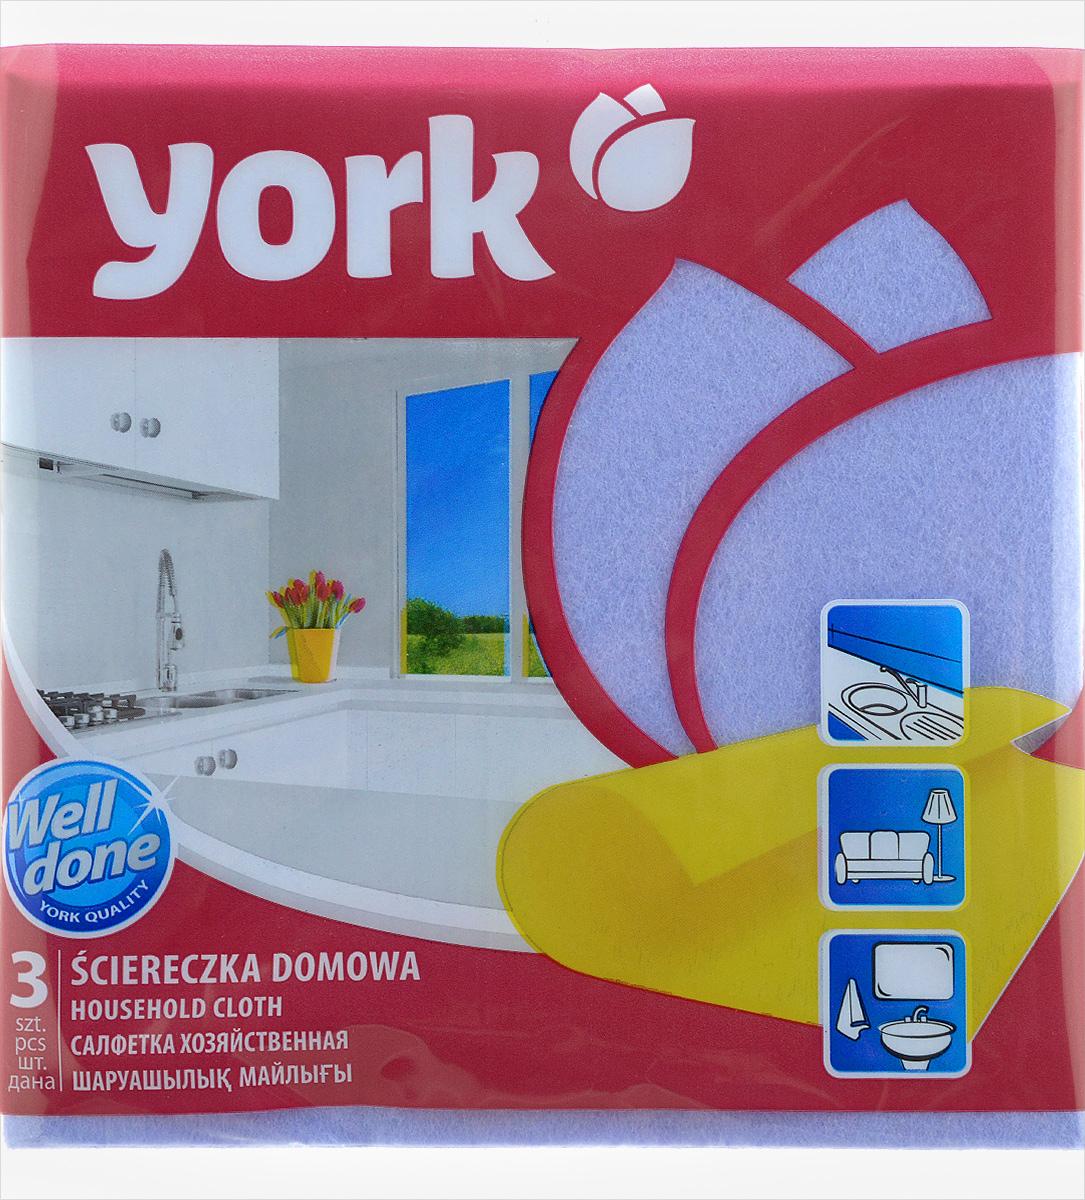 Салфетка хозяйственная York, цвет: синий, 35 х 35 см, 3 шт5903355000051, 020010Универсальная салфетка York предназначена для мытья, протирания и полировки. Она выполнена из вискозы с добавлением полипропиленового волокна, отличается высокой прочностью. Хорошо поглощает влагу, эффективно очищает поверхности и не оставляет ворсинок. Идеальна для ухода за столешницами и раковиной на кухне, за стеклом и зеркалами, деревянной мебелью. Может использоваться в сухом и влажном виде.